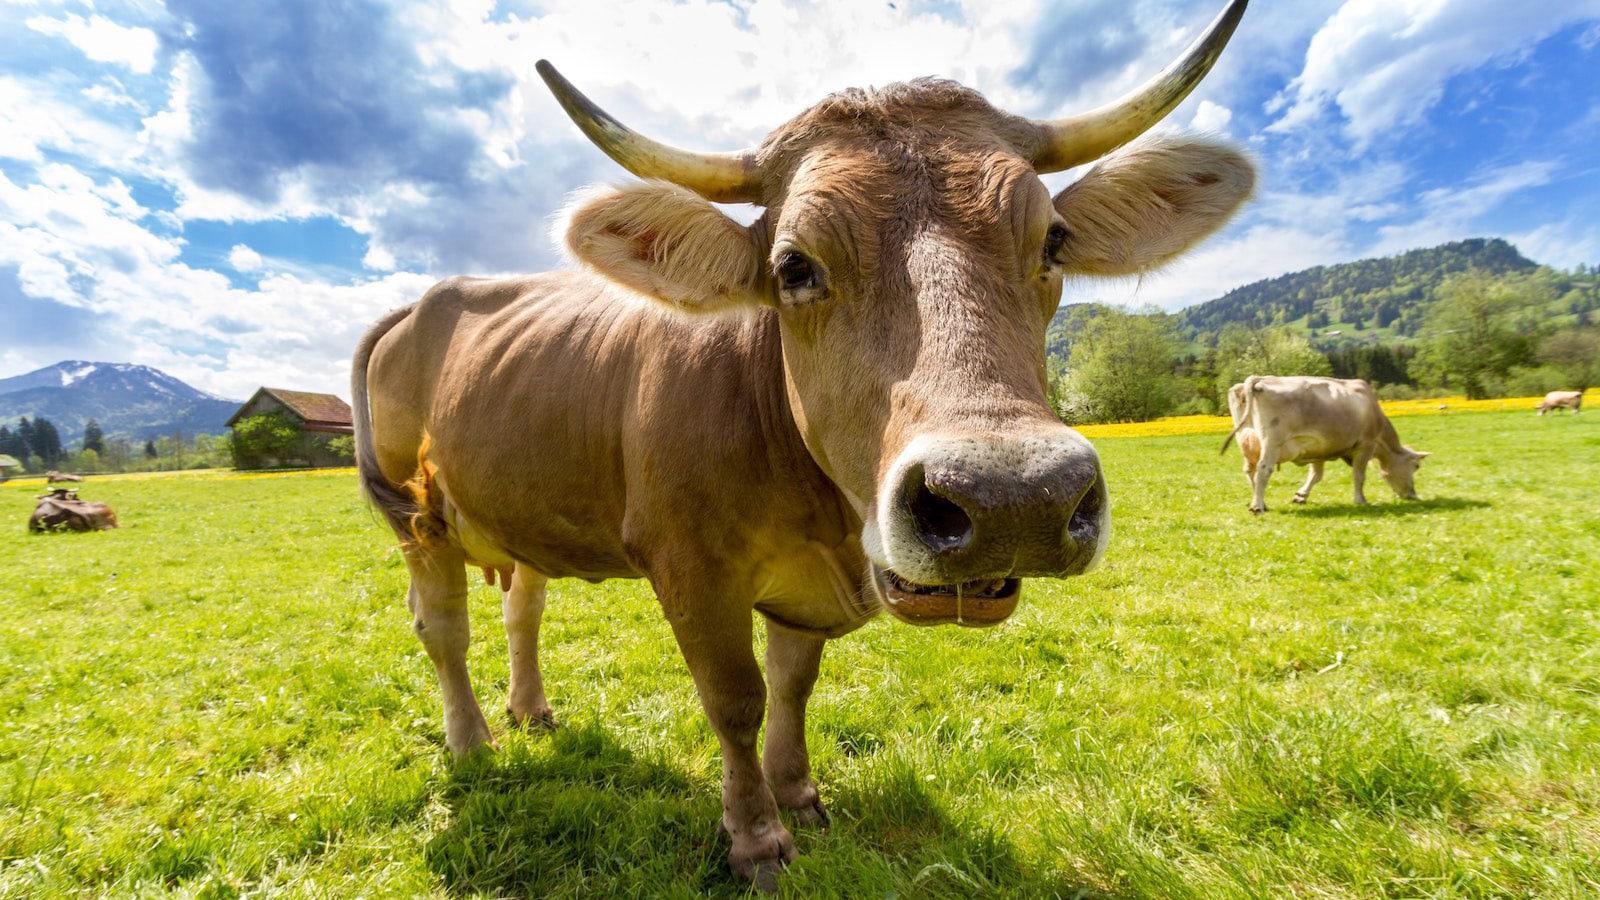 O Programa Ambiental Da ONU Acabou De Declarar A Carne Como O Maior Problema Do Mundo! E O Tratamento Desumano Dos Animais.